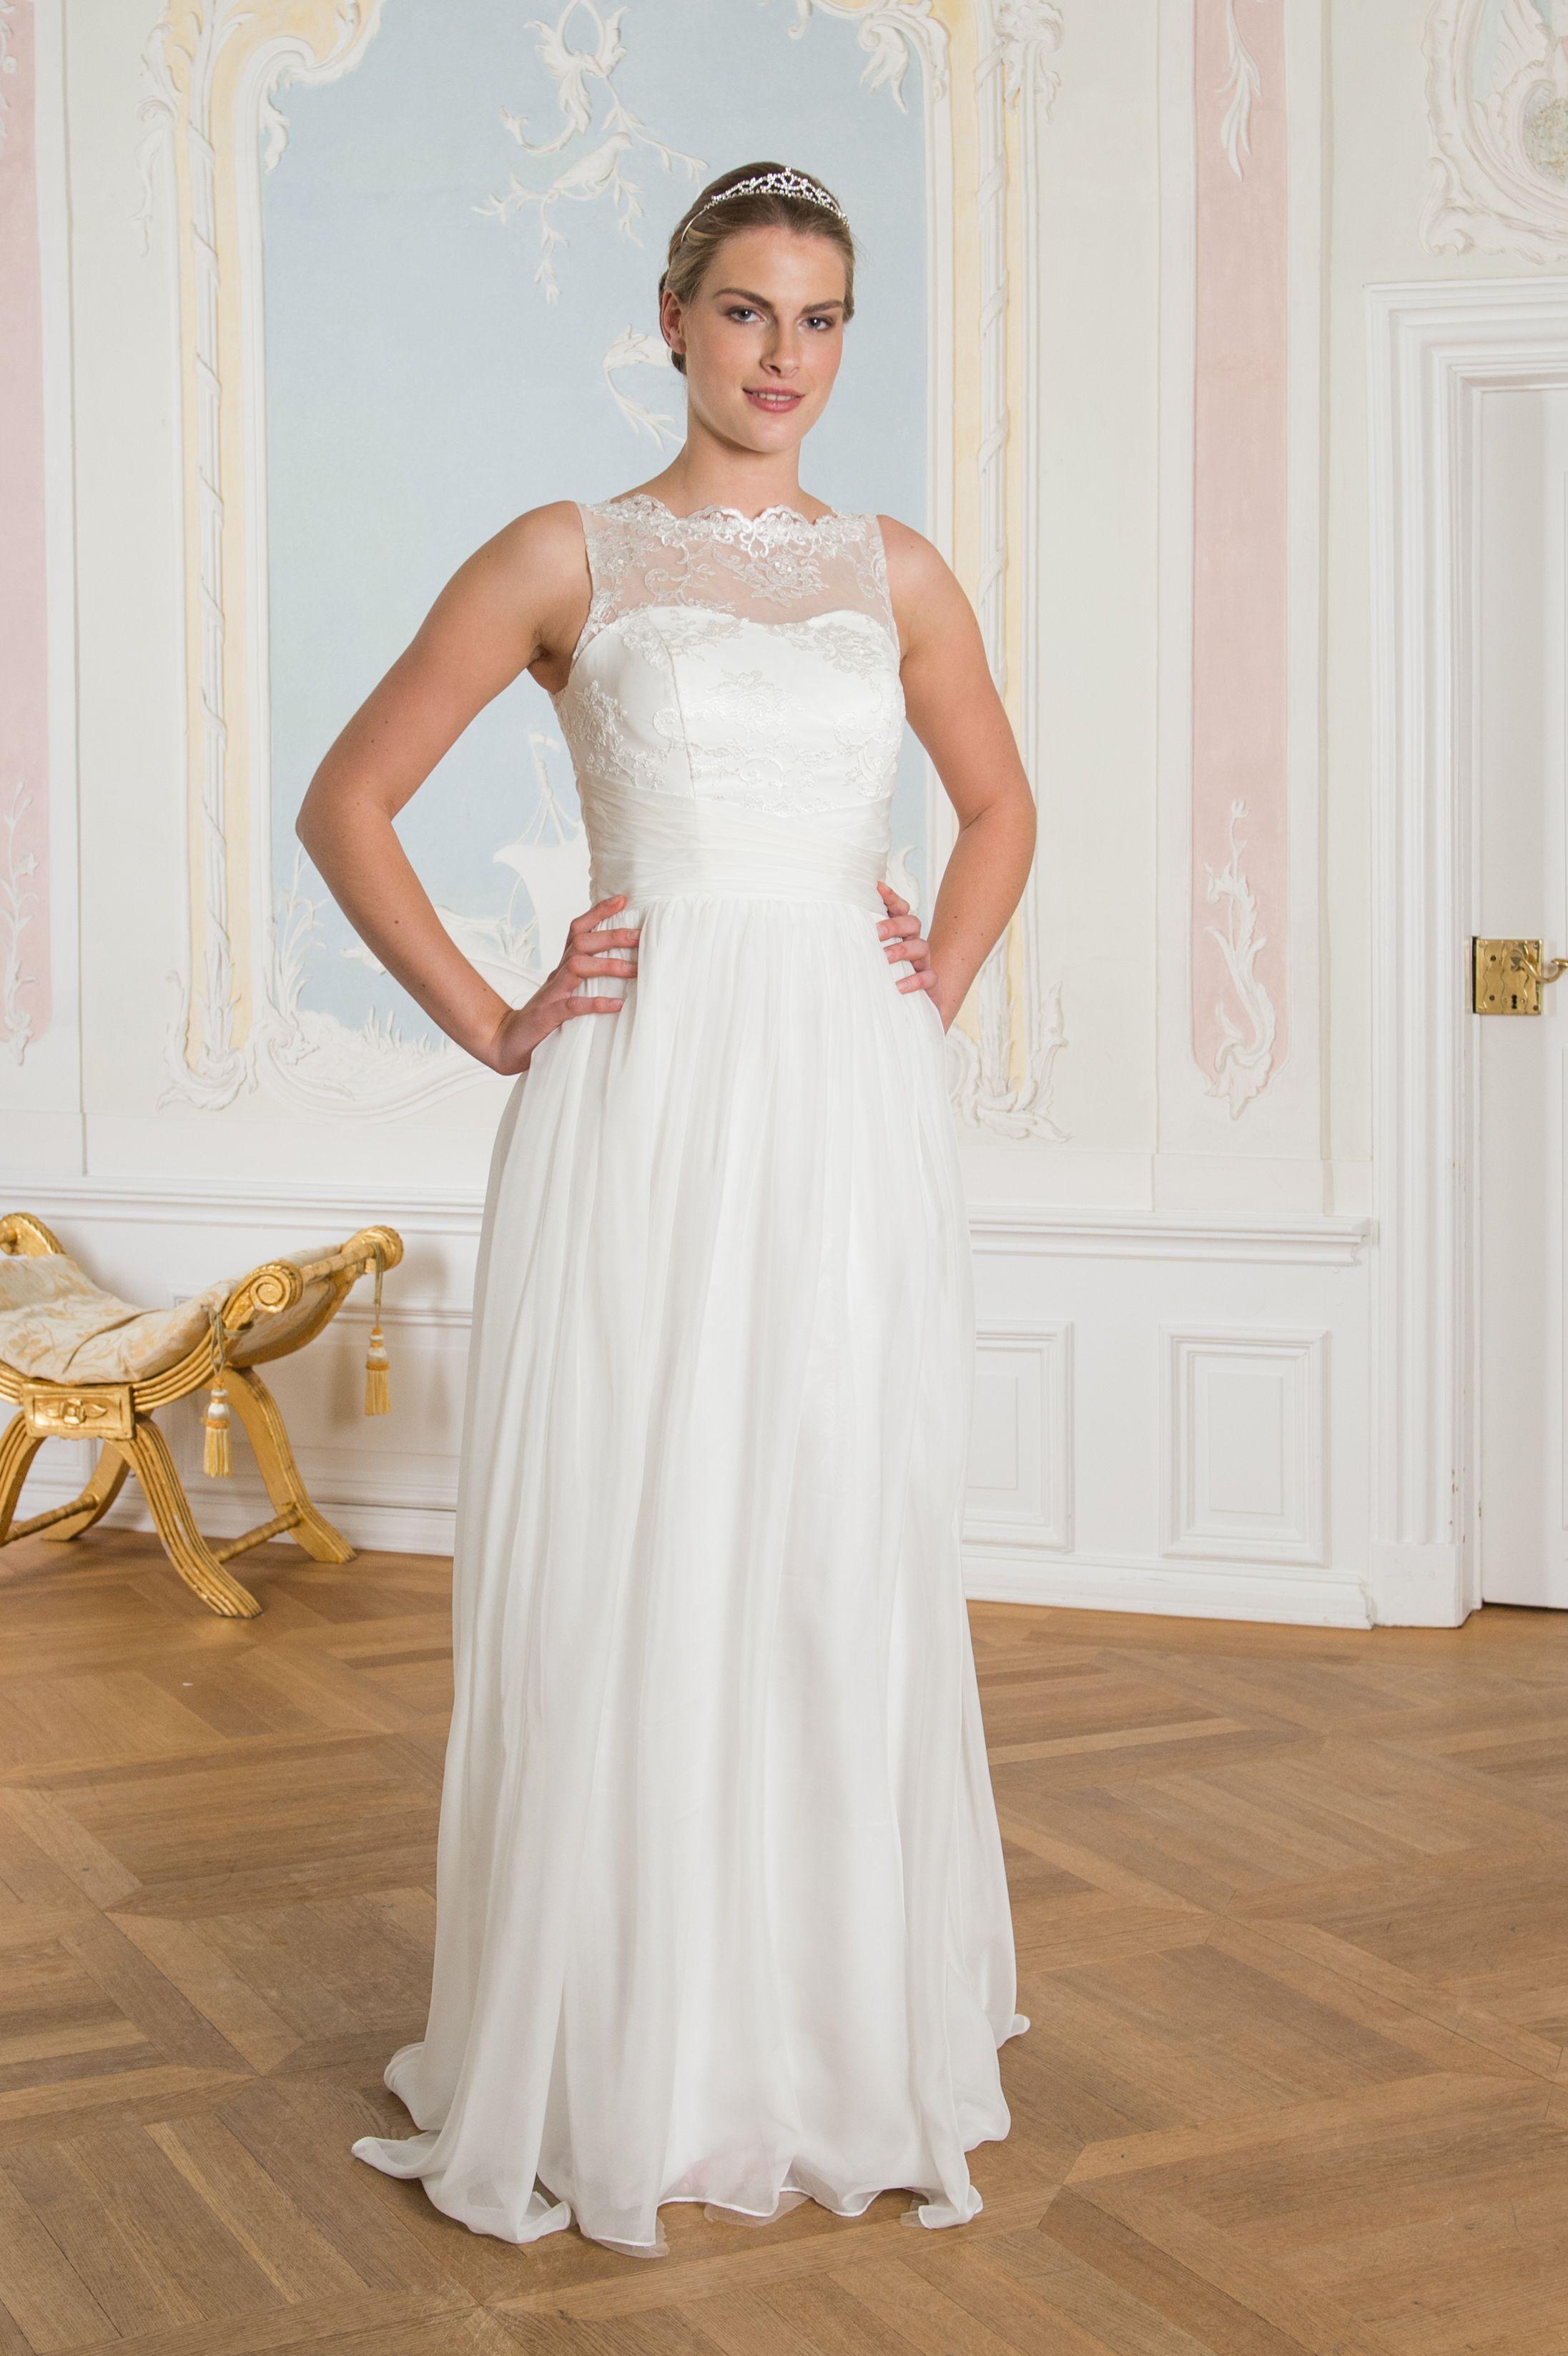 Brautkleid Pippa von La Belle Brautkleider | Wedding Inspiration ...